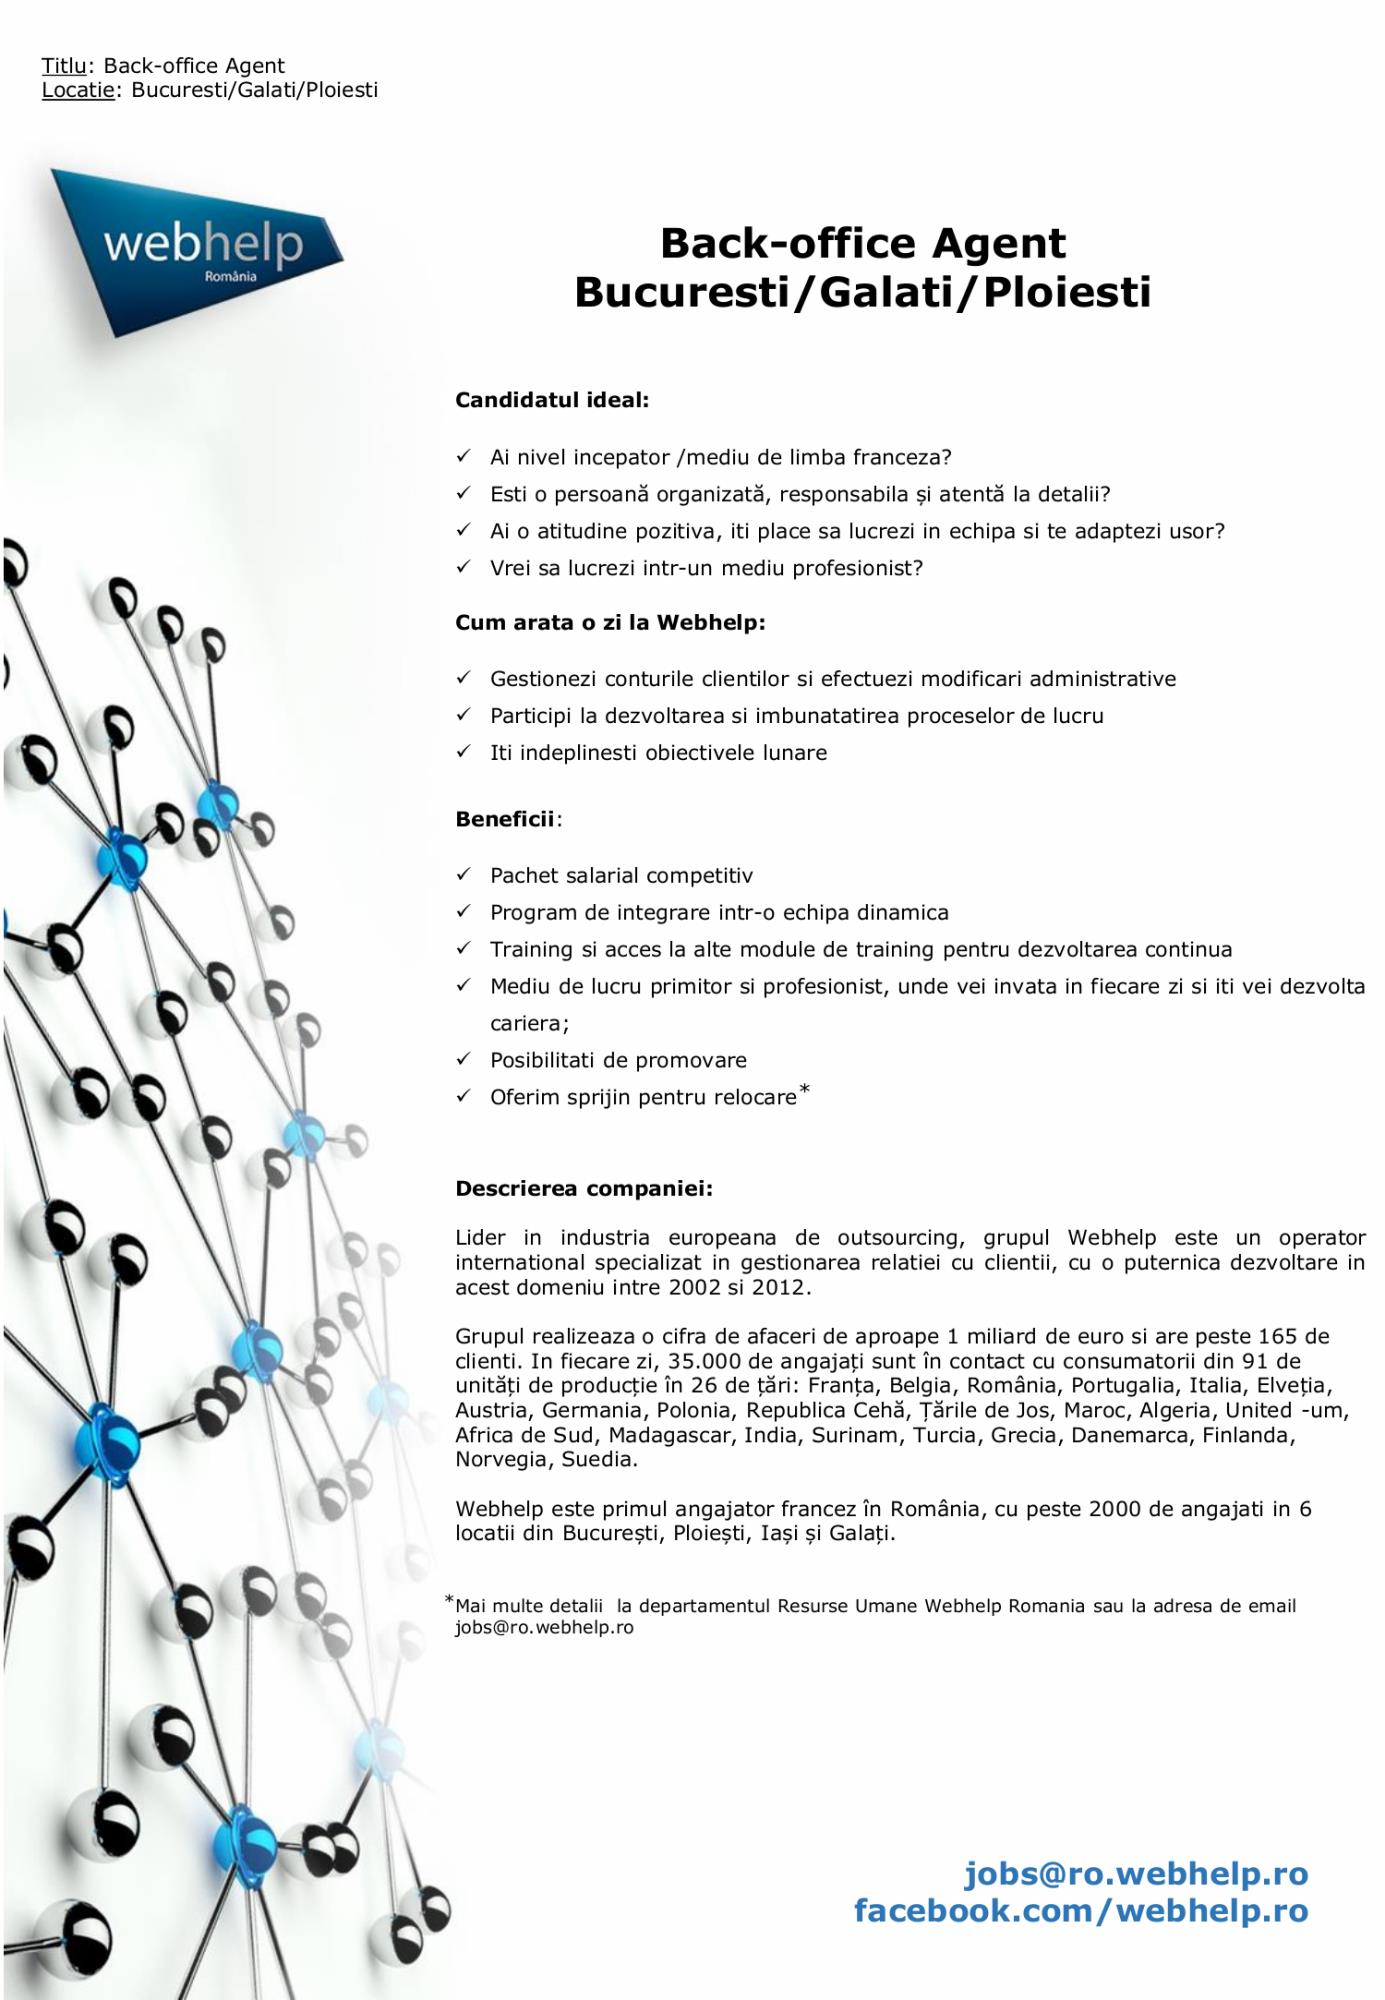 Webhelp este primul angajator francez în România, cu peste 2000 de angajati in 6 locatii din București, Ploiești, Iași și Galați.